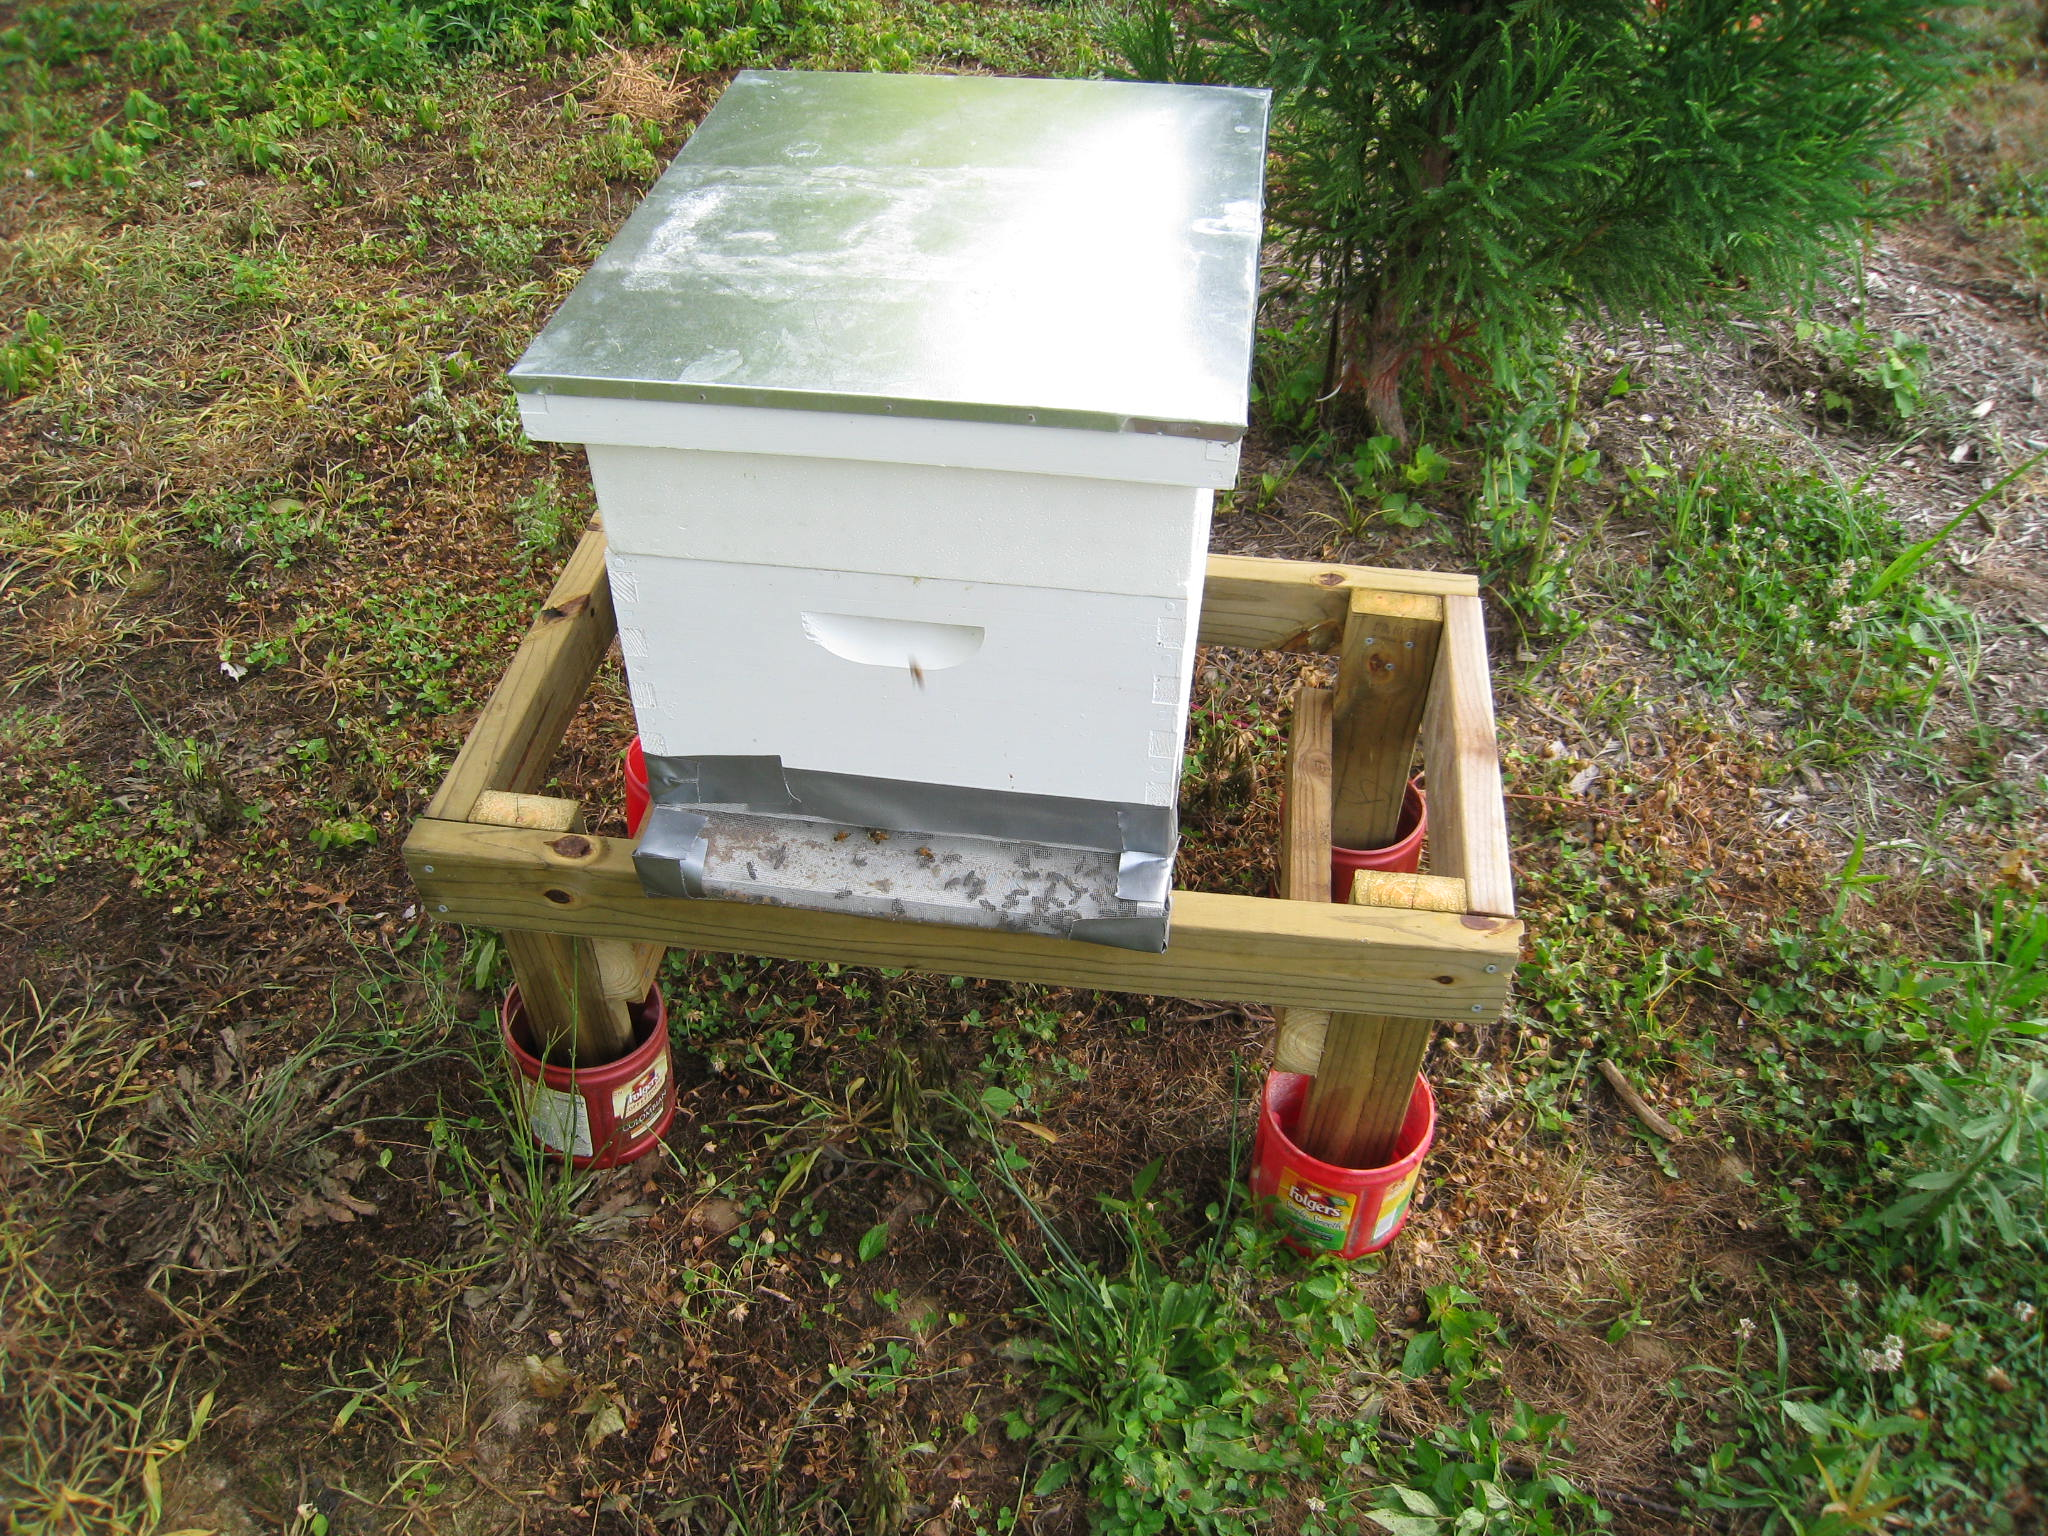 Что делать, если муравьи появились в улье на пасеке что делать, если муравьи появились в улье на пасеке